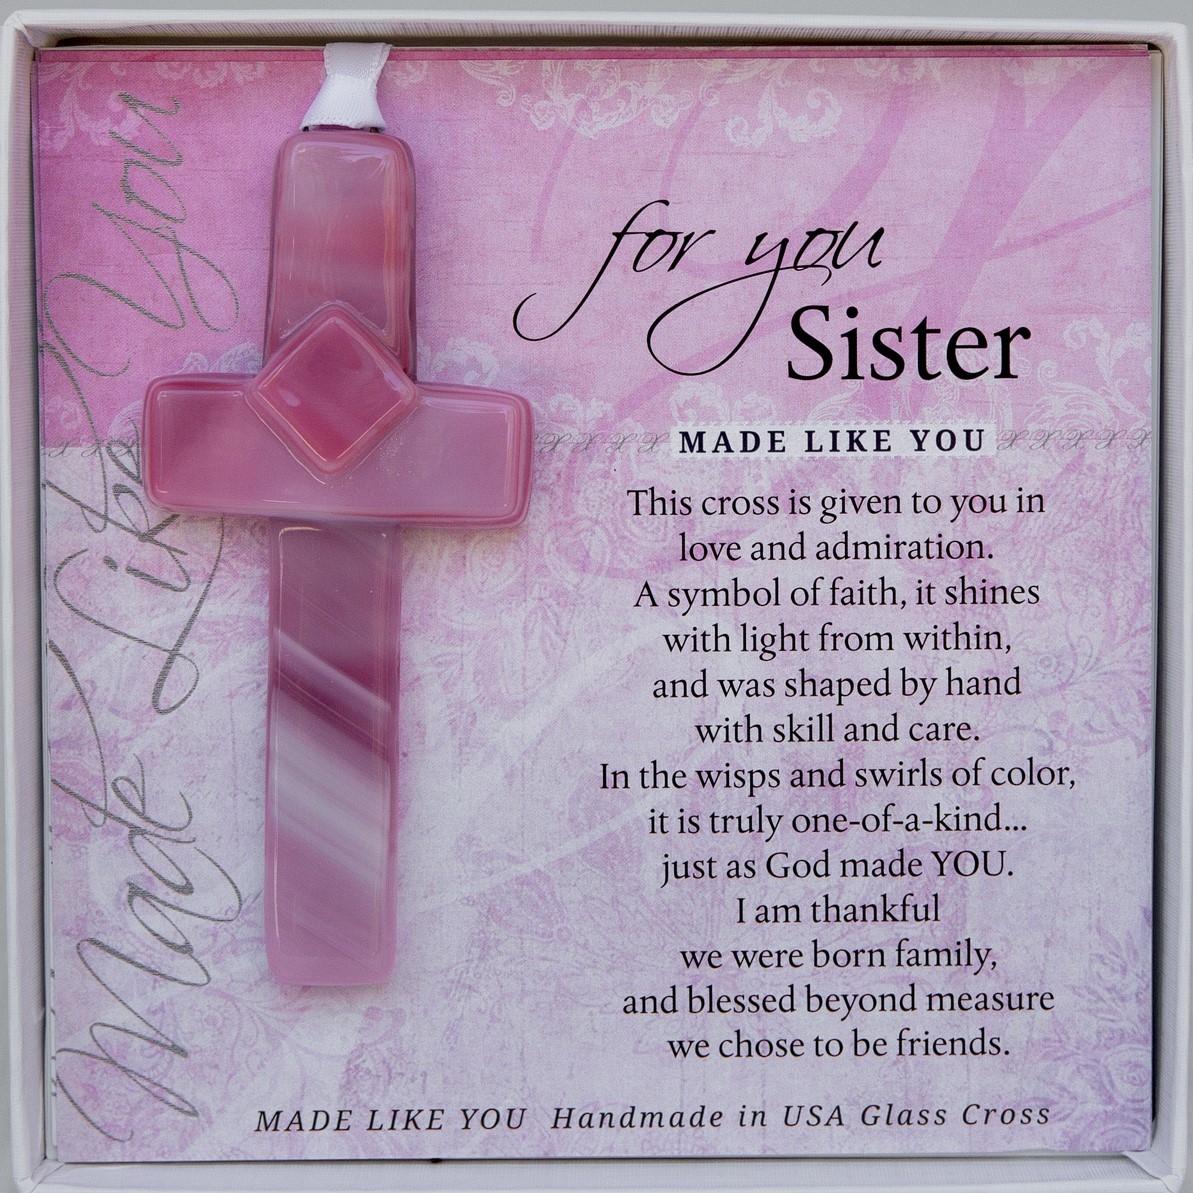 Sister Cross Handmade Glass